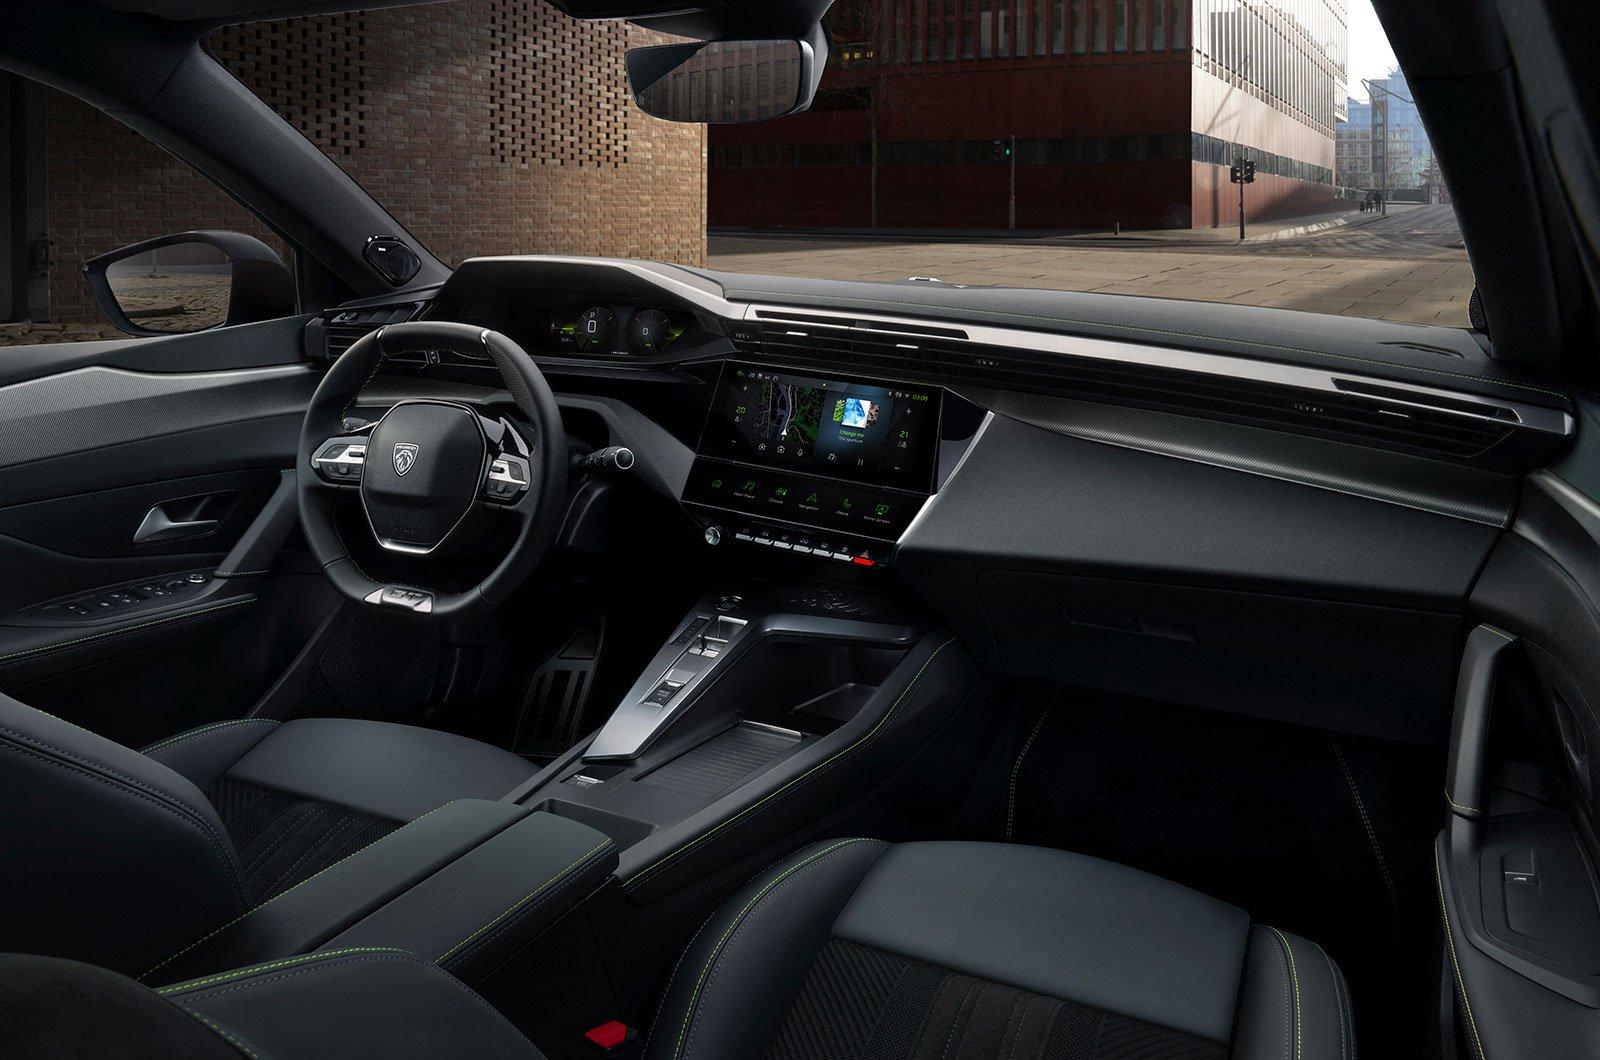 2021 Peugeot 308 interior